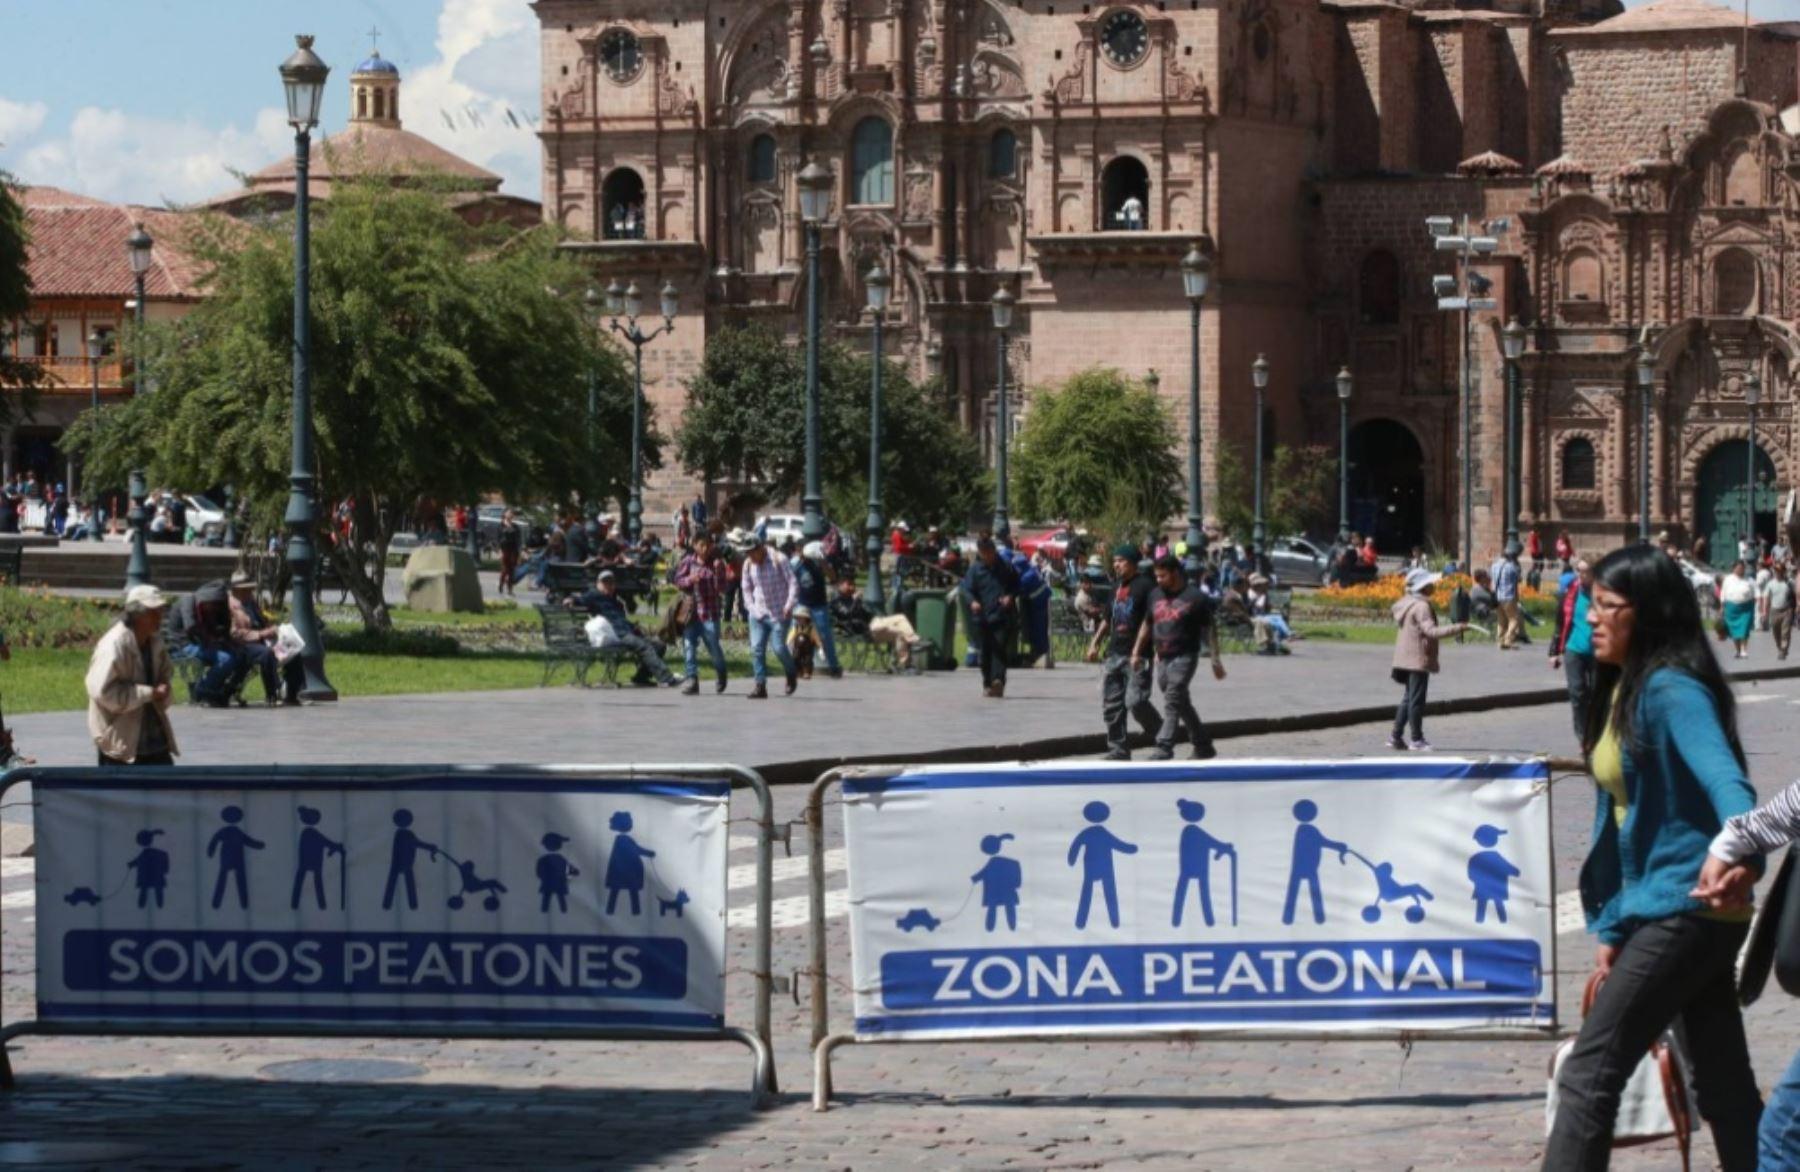 El alcalde provincial del Cusco, Carlos Moscoso, informó que se ampliarán a 10 el número de calles restringidas para el tránsito de vehículos en las zonas aledañas a la Plaza de Armas.